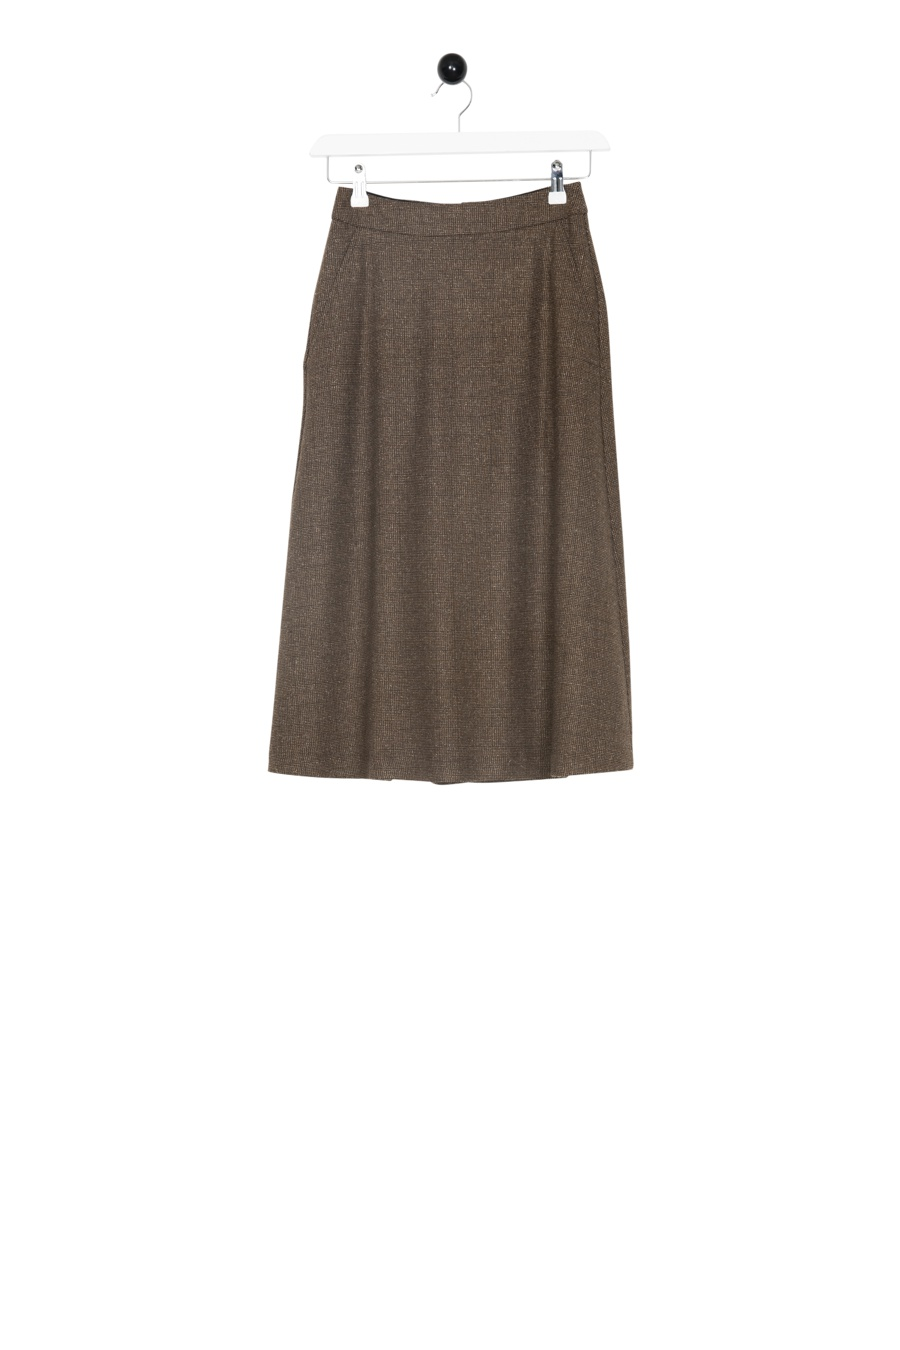 Return Grevlunda Skirt